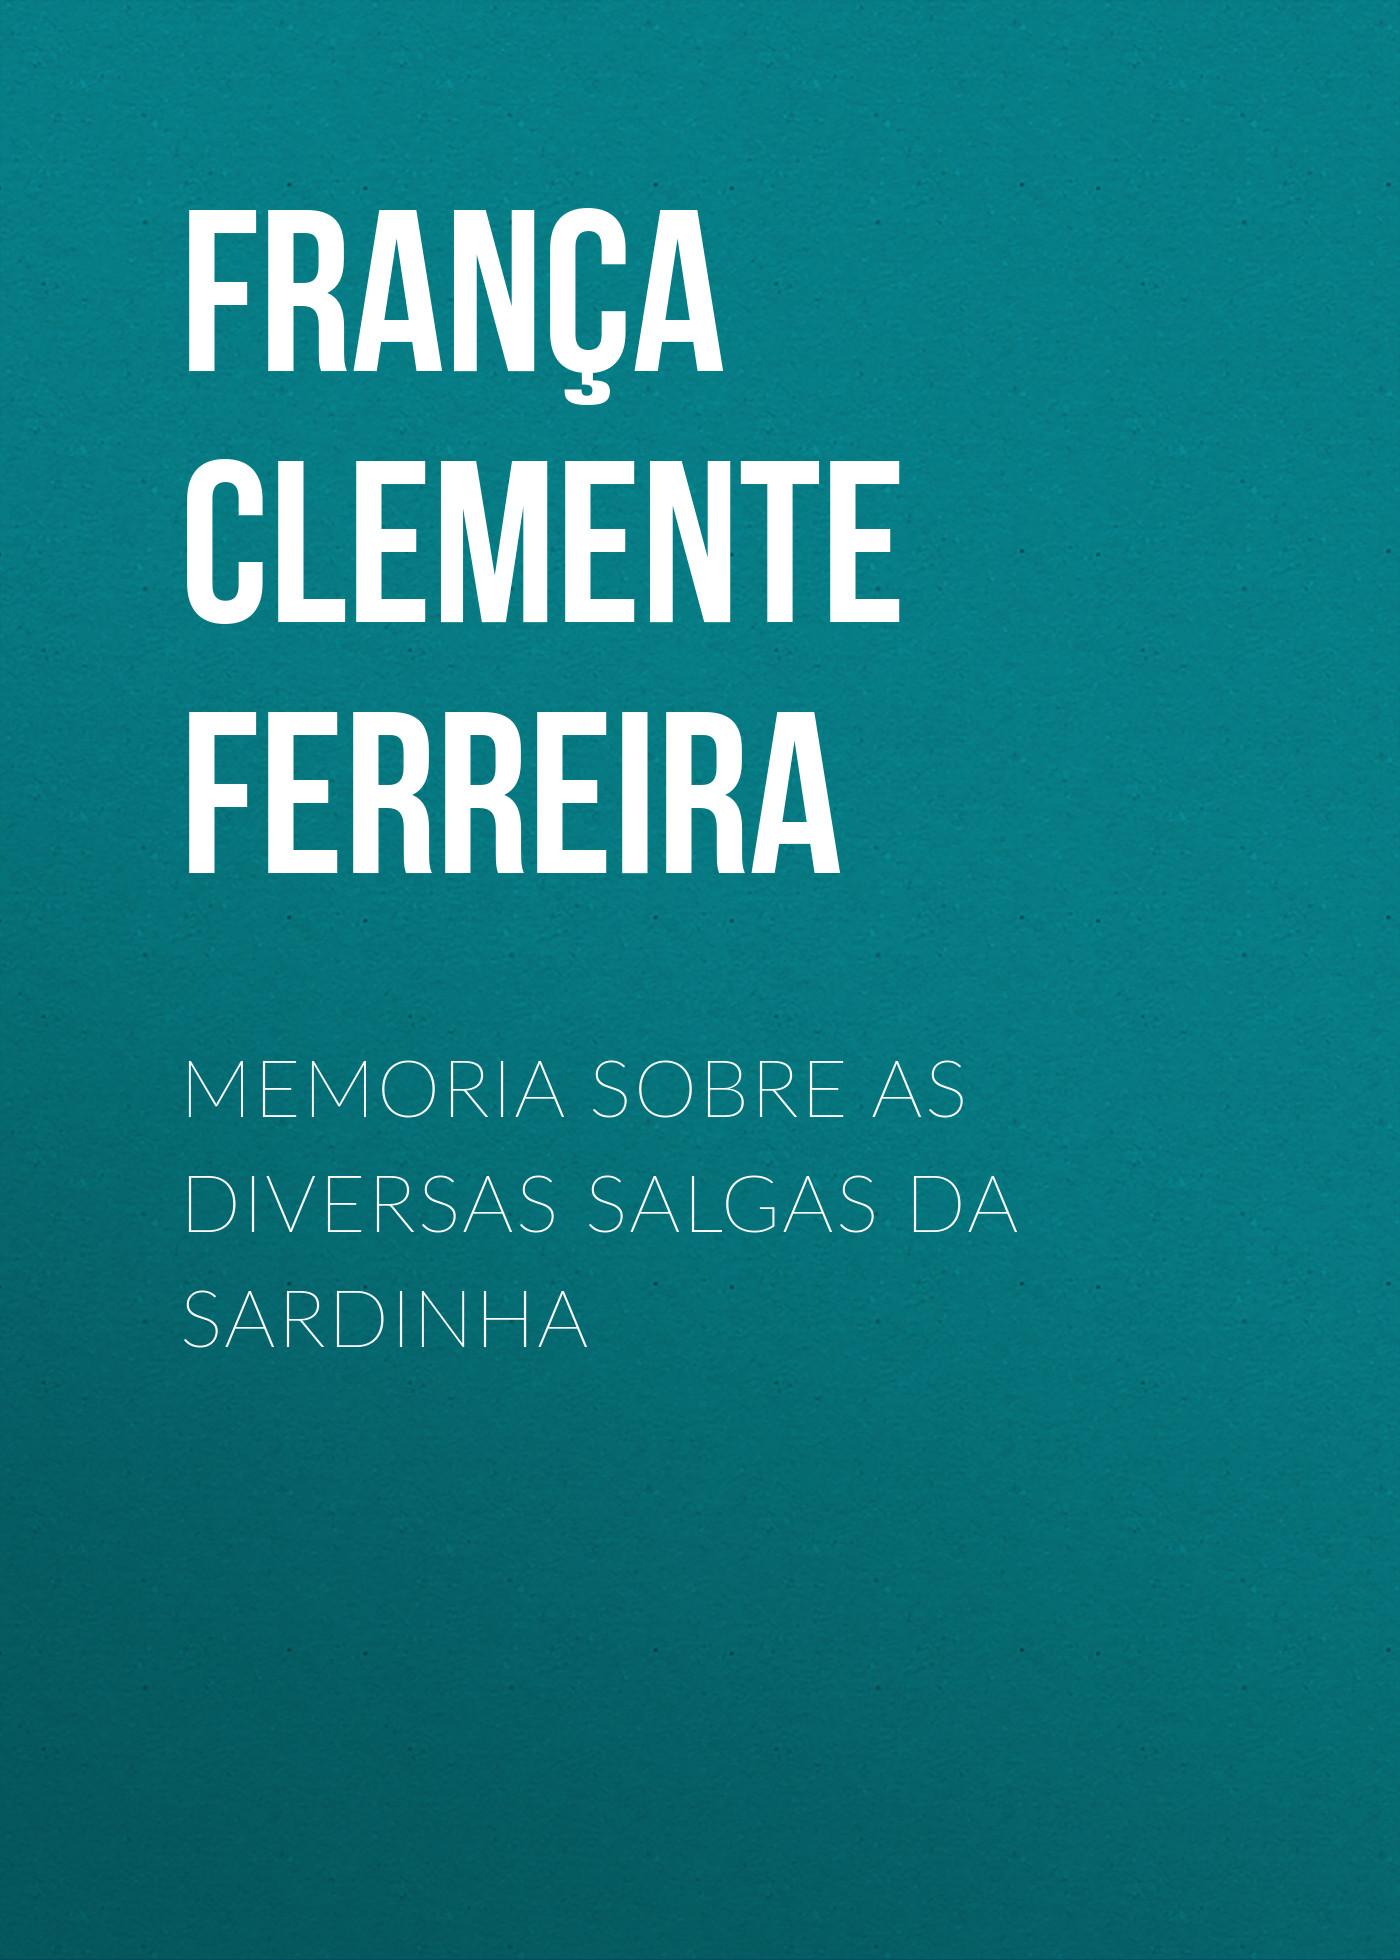 França Clemente Ferreira Memoria sobre as diversas salgas da sardinha